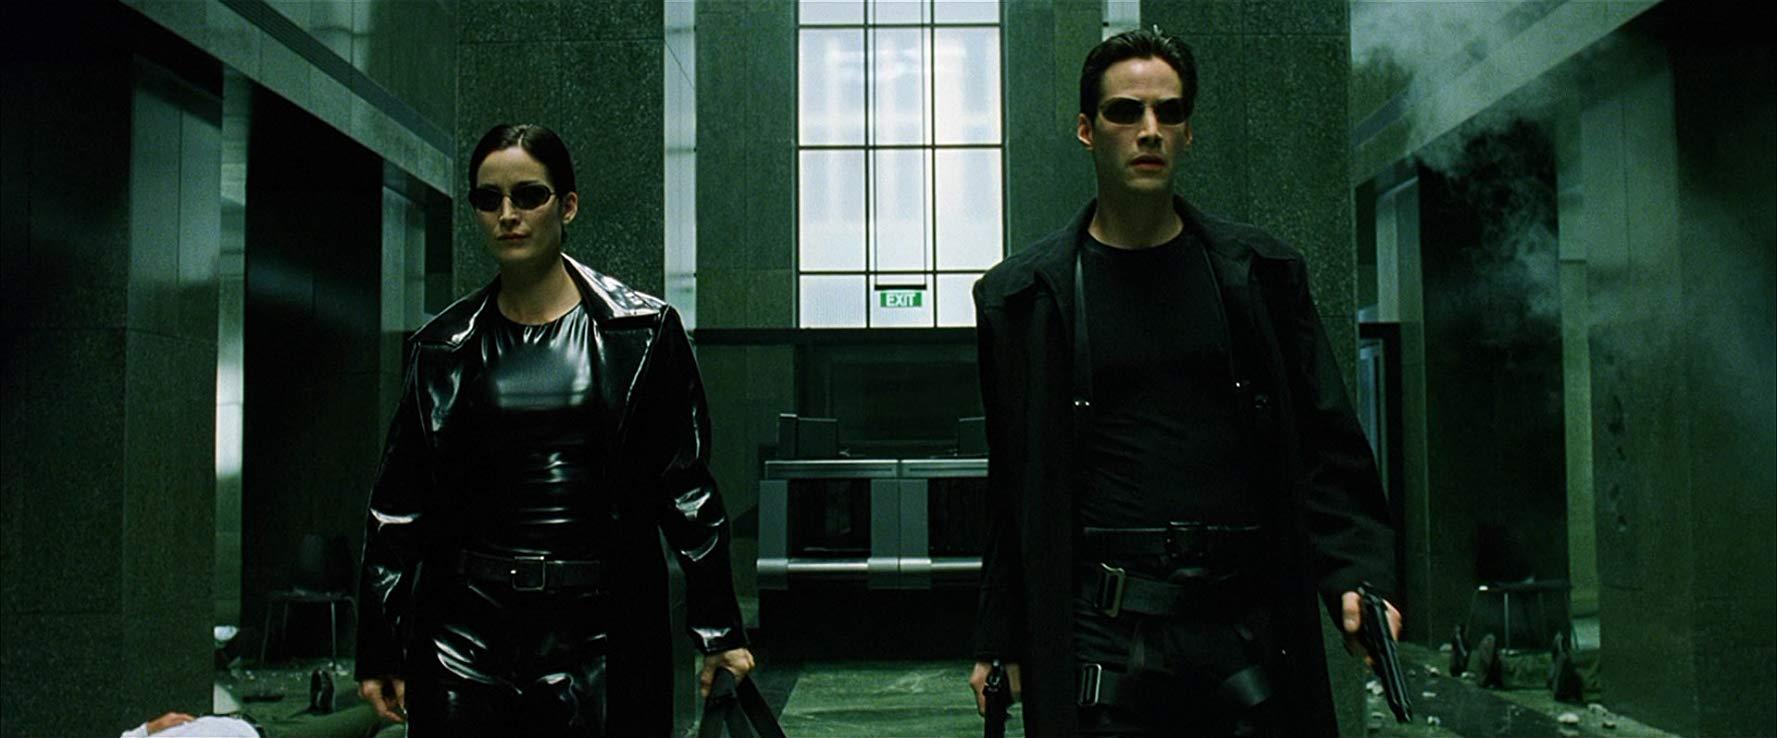 Киану Ривз снимется в четвертой части фильма «Матрица»-Фото 1